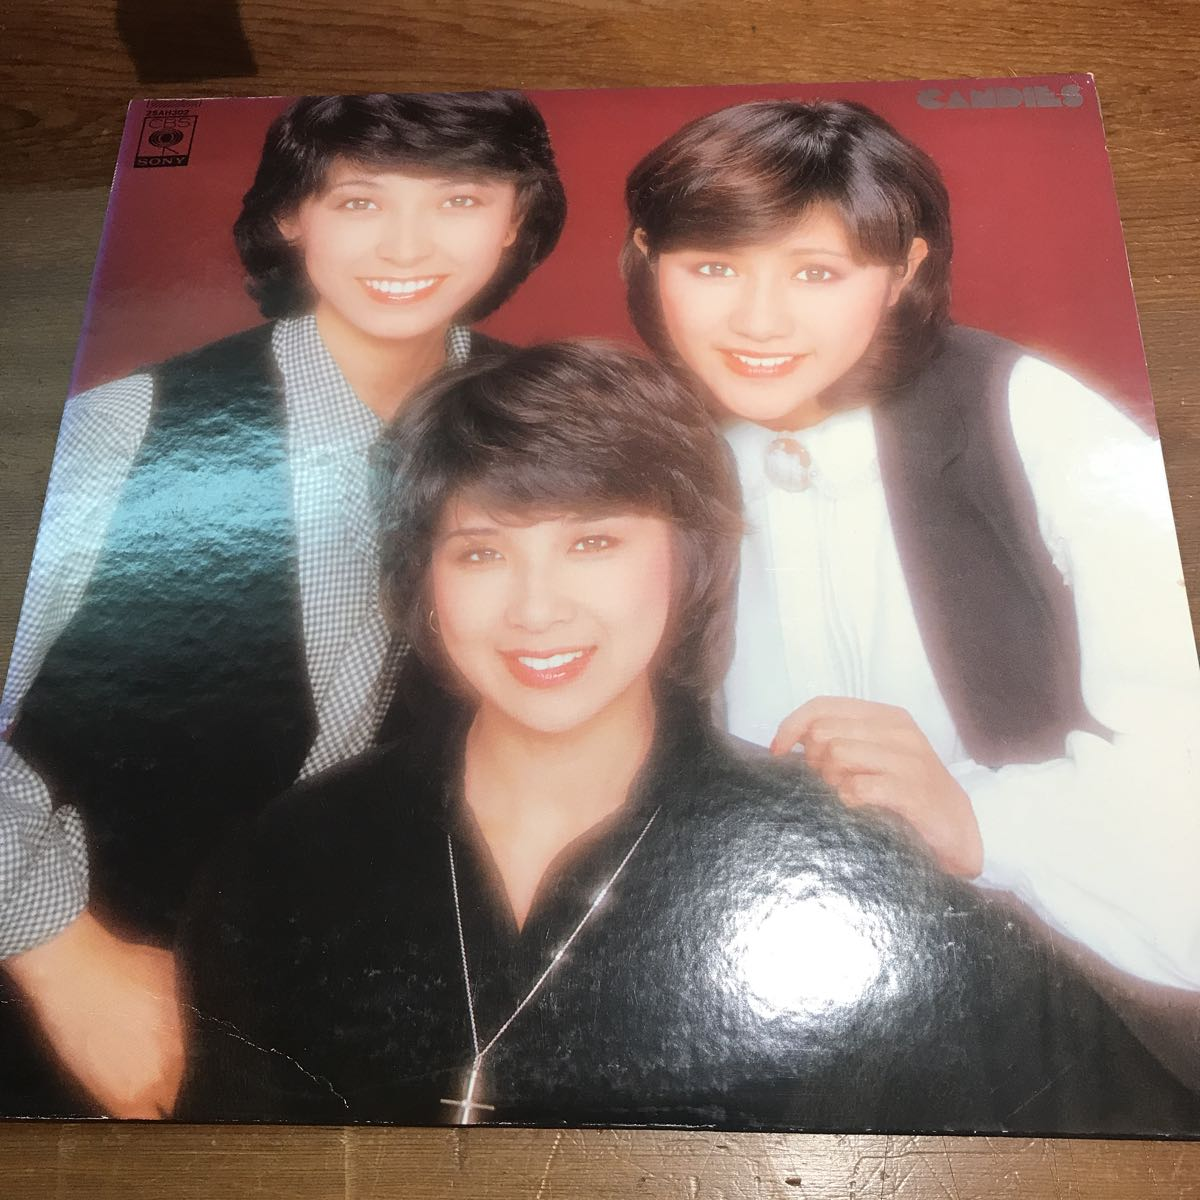 中古品/LP/レコード/キャンディーズ/CANDIES SHOP/25AH302_画像1